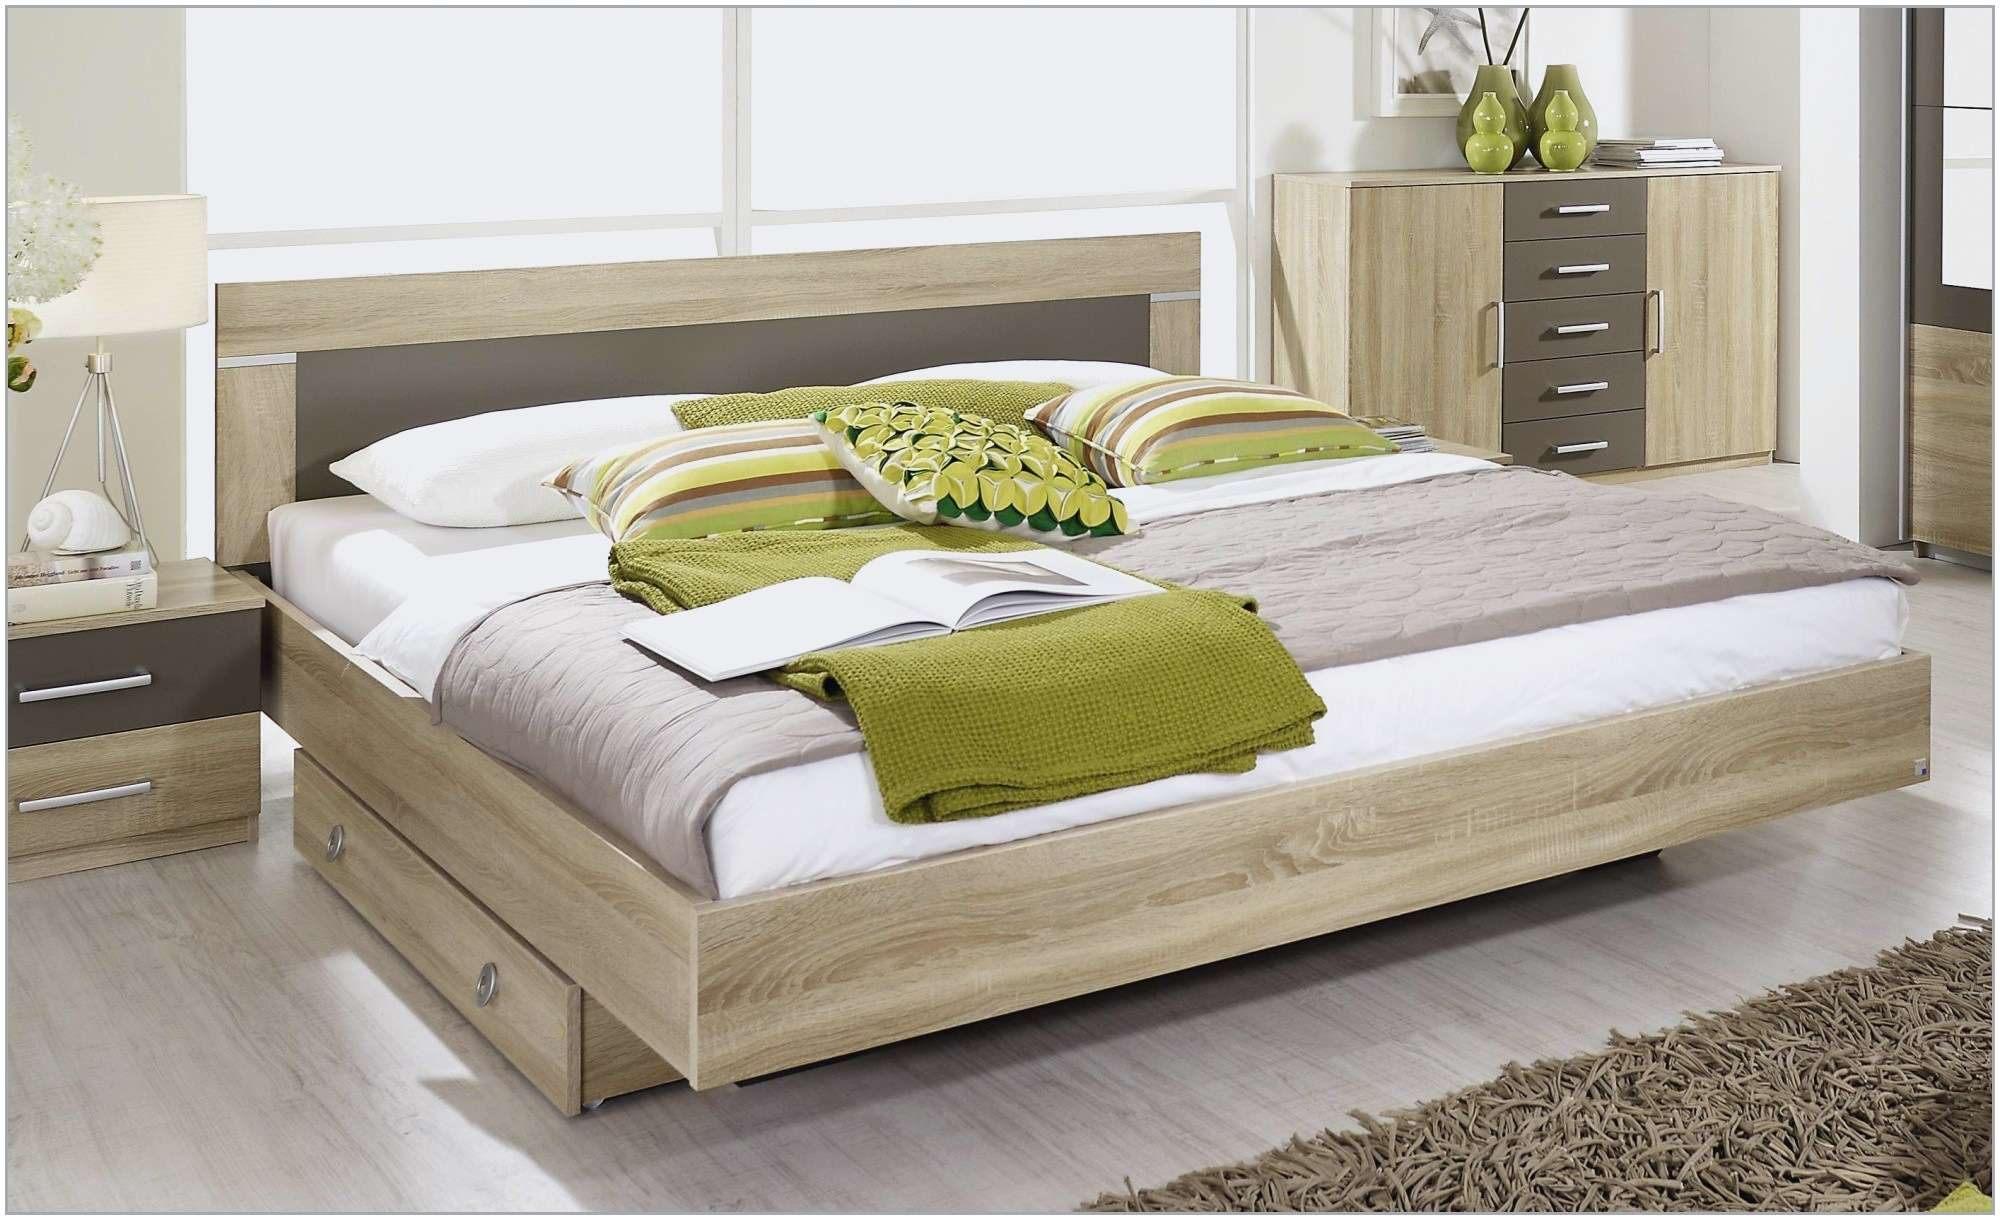 Tete De Lit Avec Etagere Impressionnant Inspiré Cheval En Bois Ikea Impressionnant Image Tete De Lit Avec